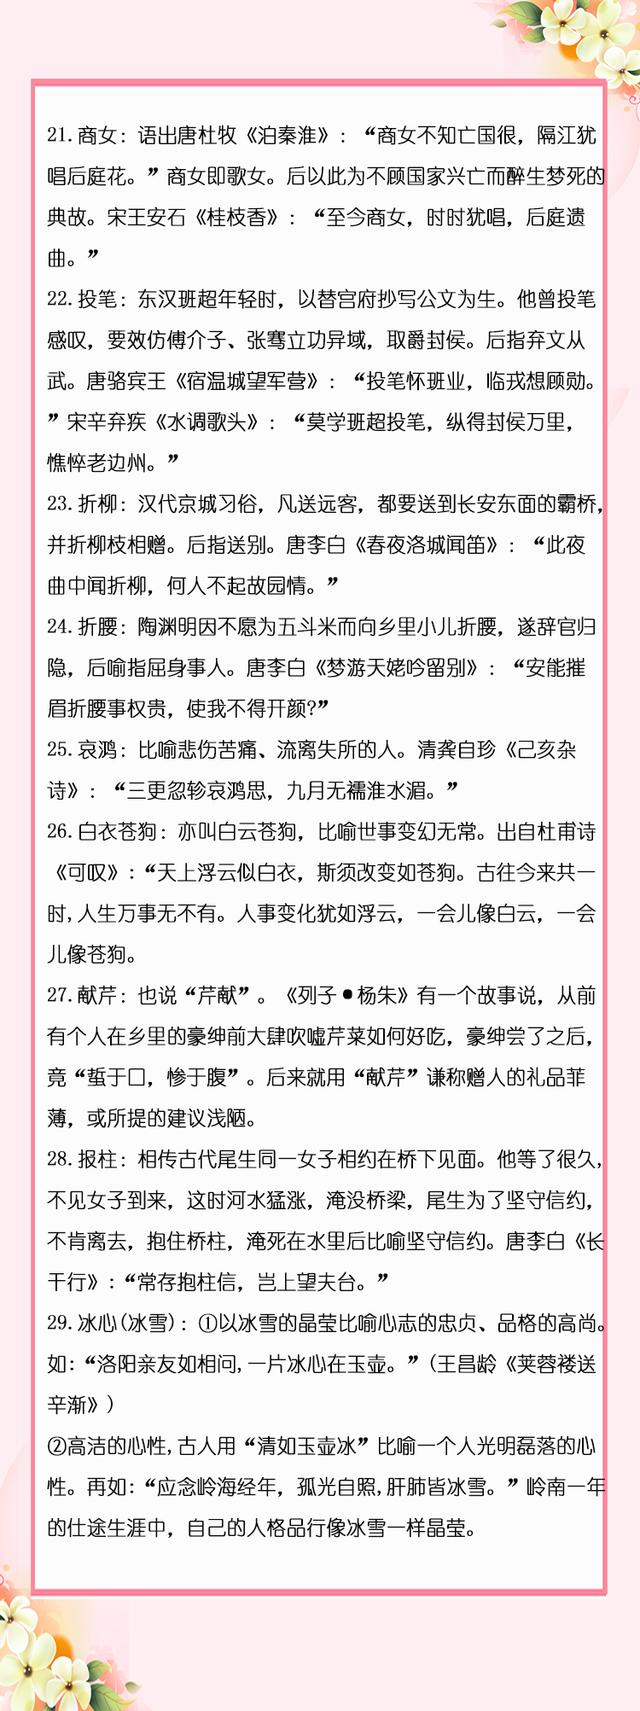 精品帖!国考行测常识必知文学典故45条,快来增加知识储备!